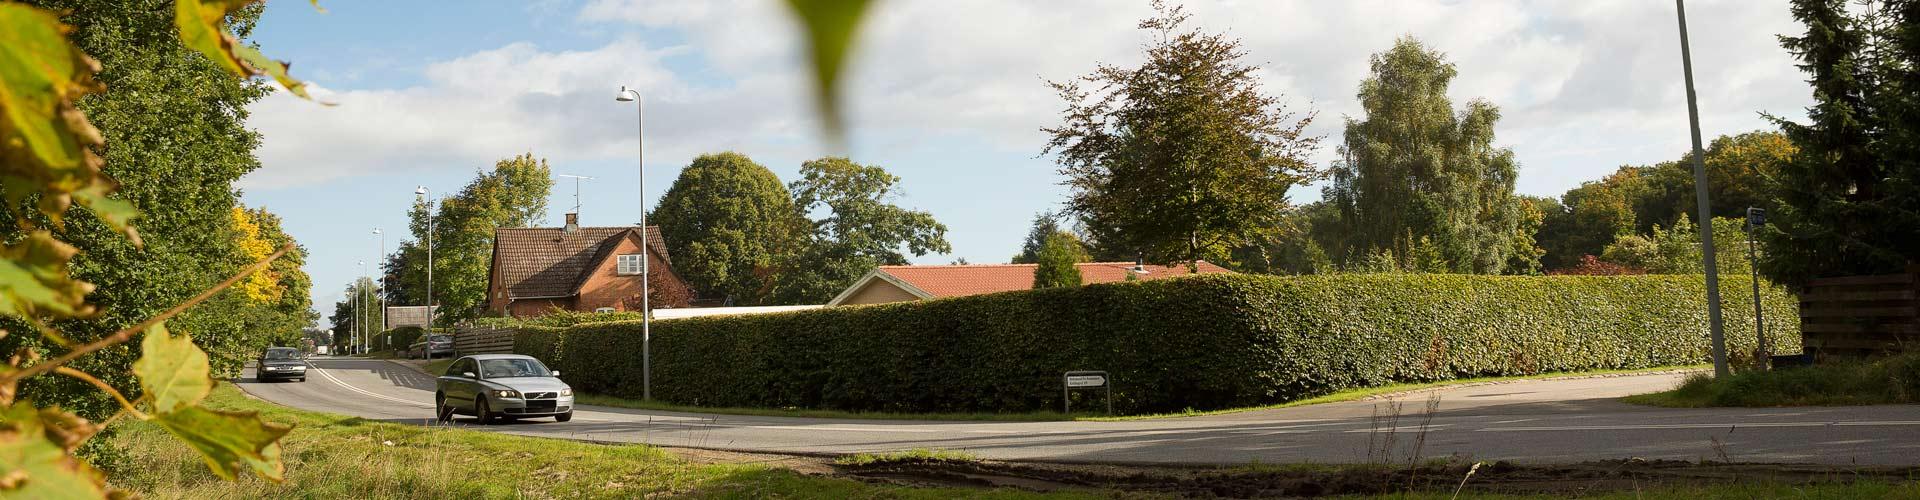 1-bedemand_per_rasmussen_Koldingvej_195_8800_Viborg_indkorsel-forside